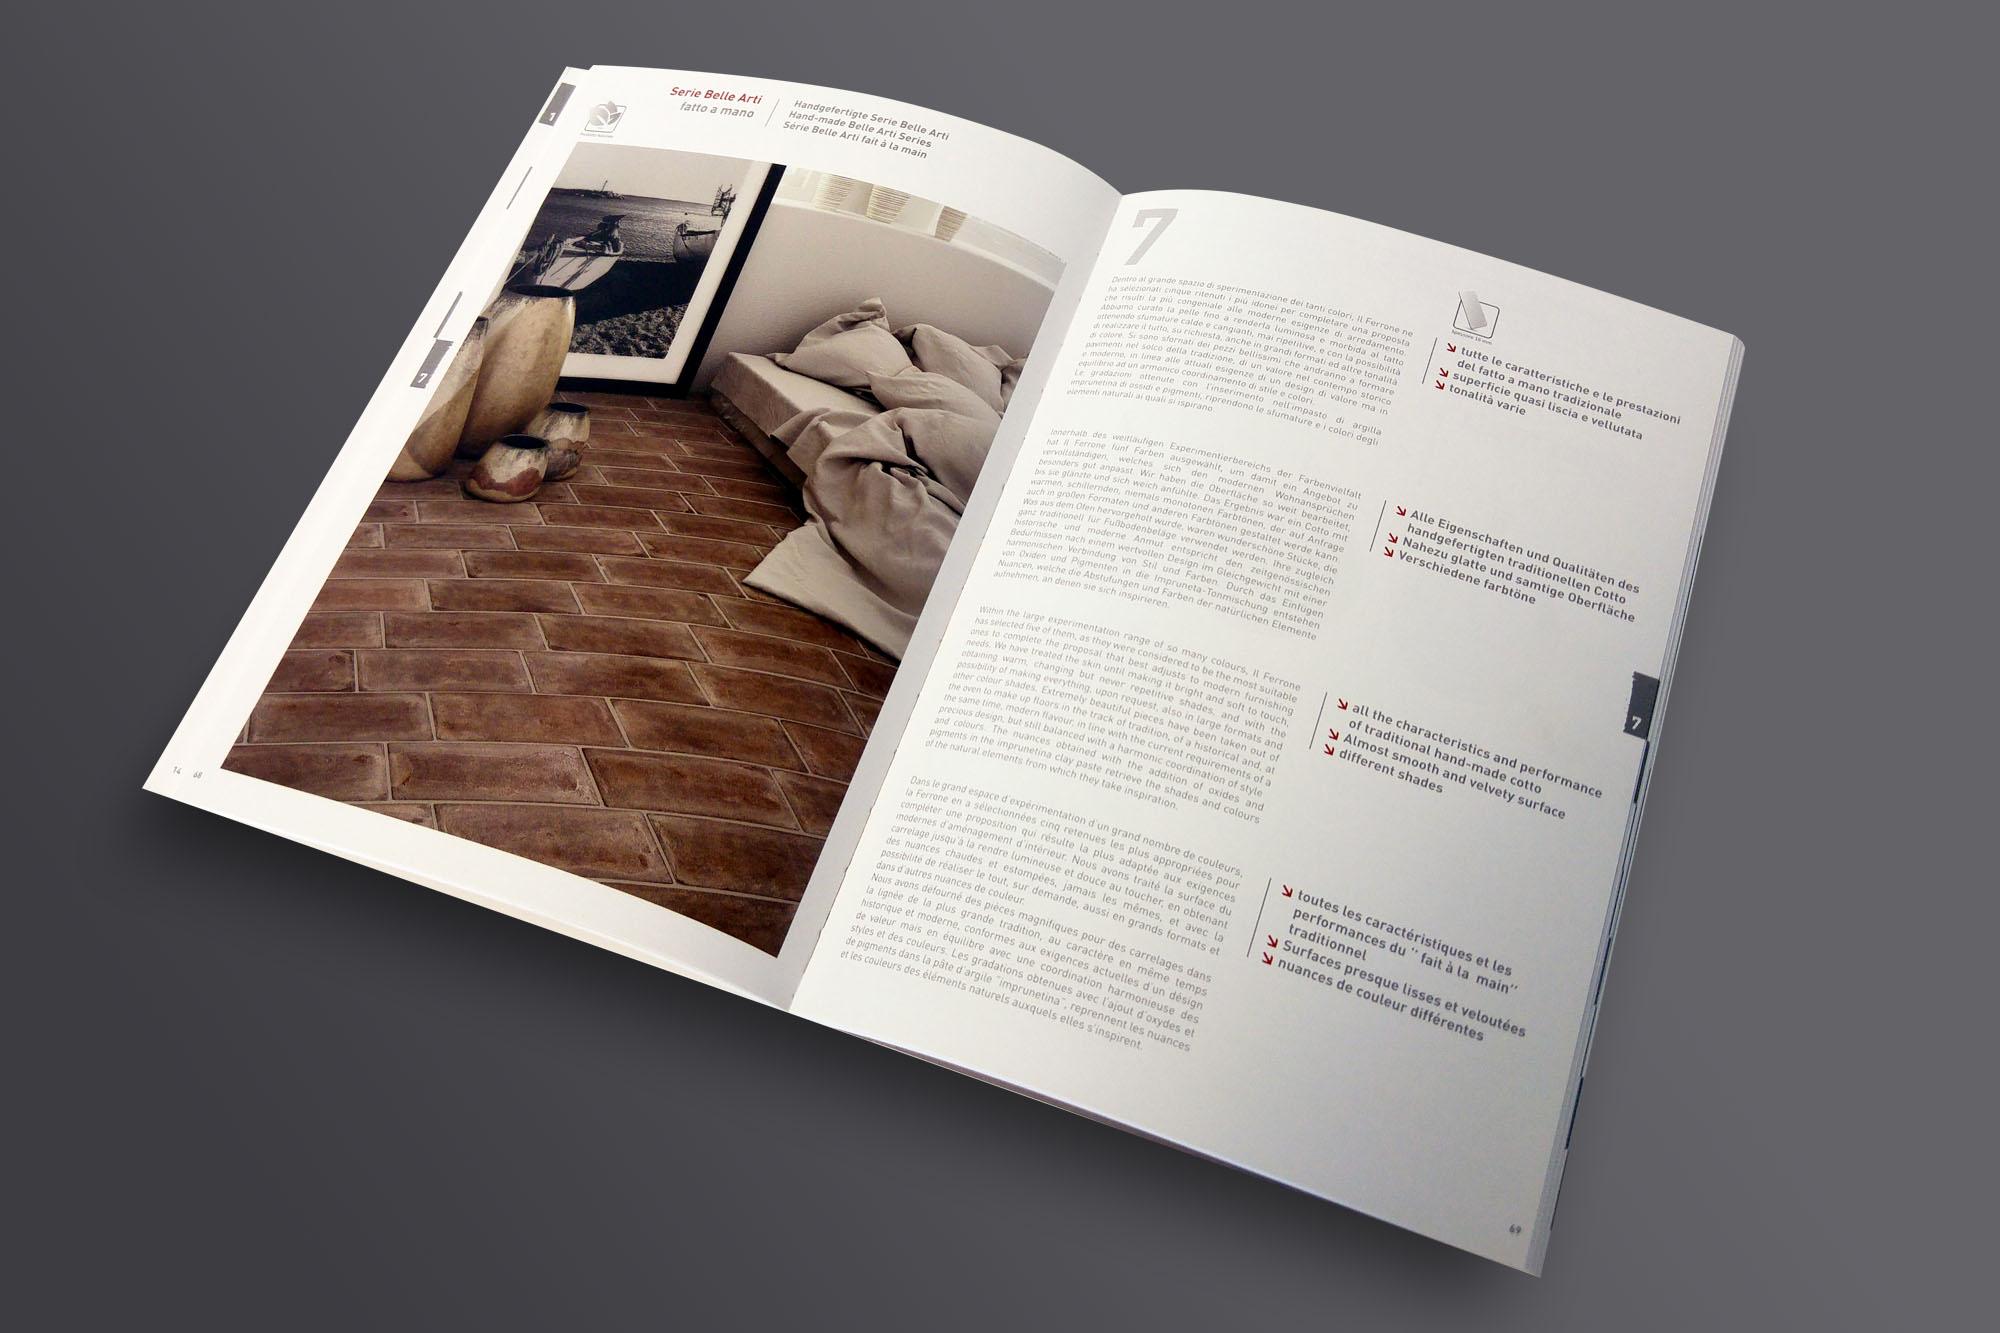 progettazione grafica per cataloghi